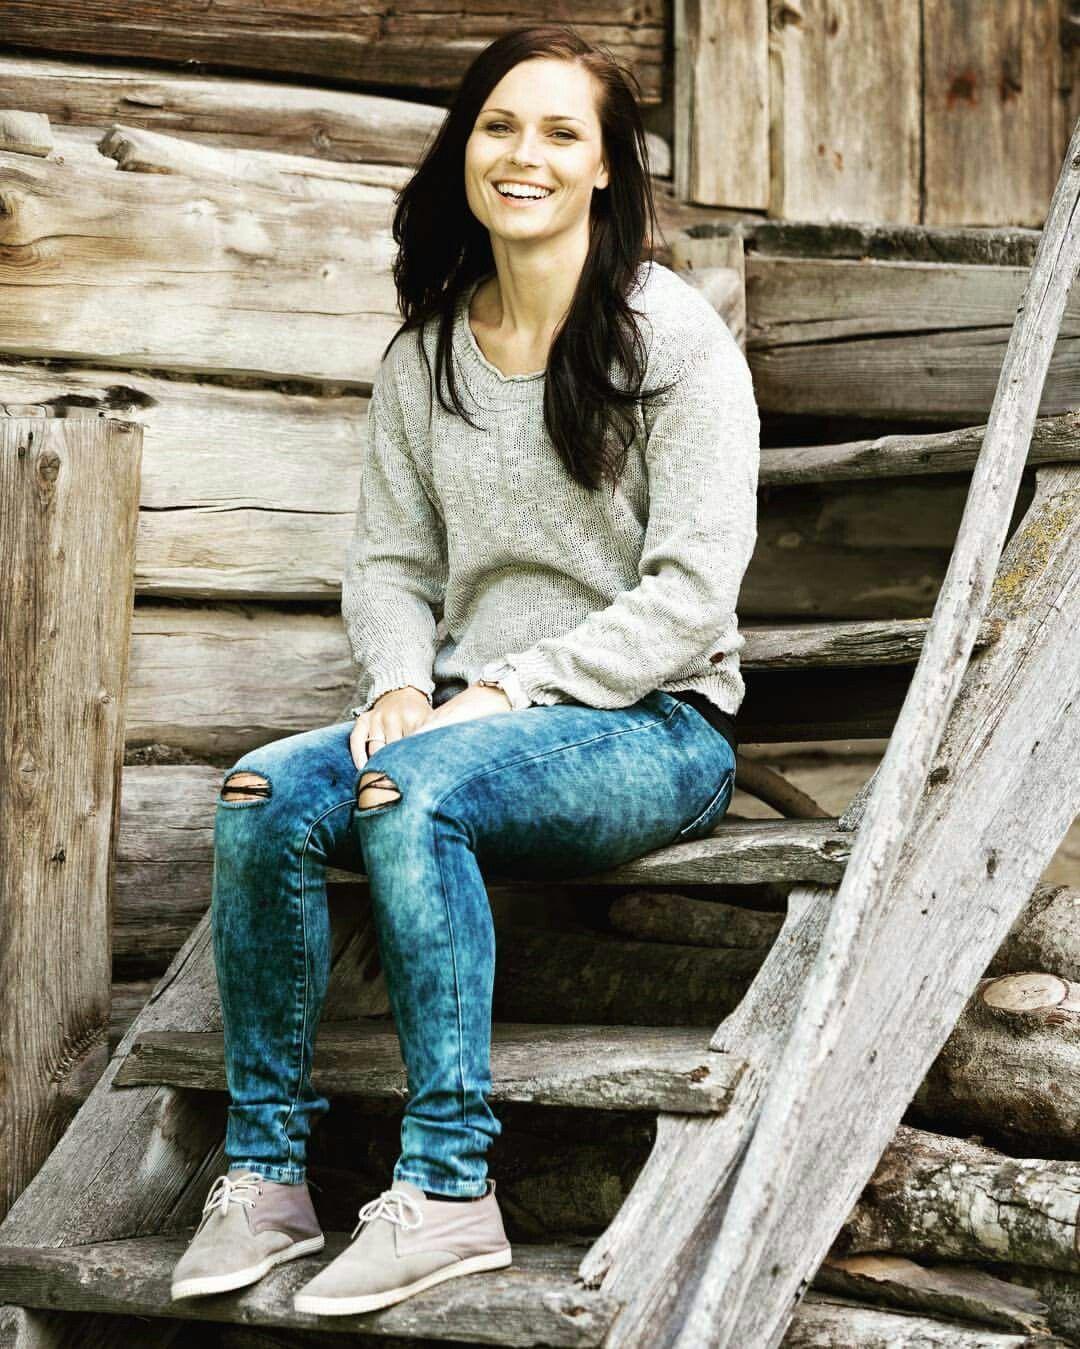 Ich liebe Kanada вќ und erhabene Katie Banks: xo вќ¤вќ¤